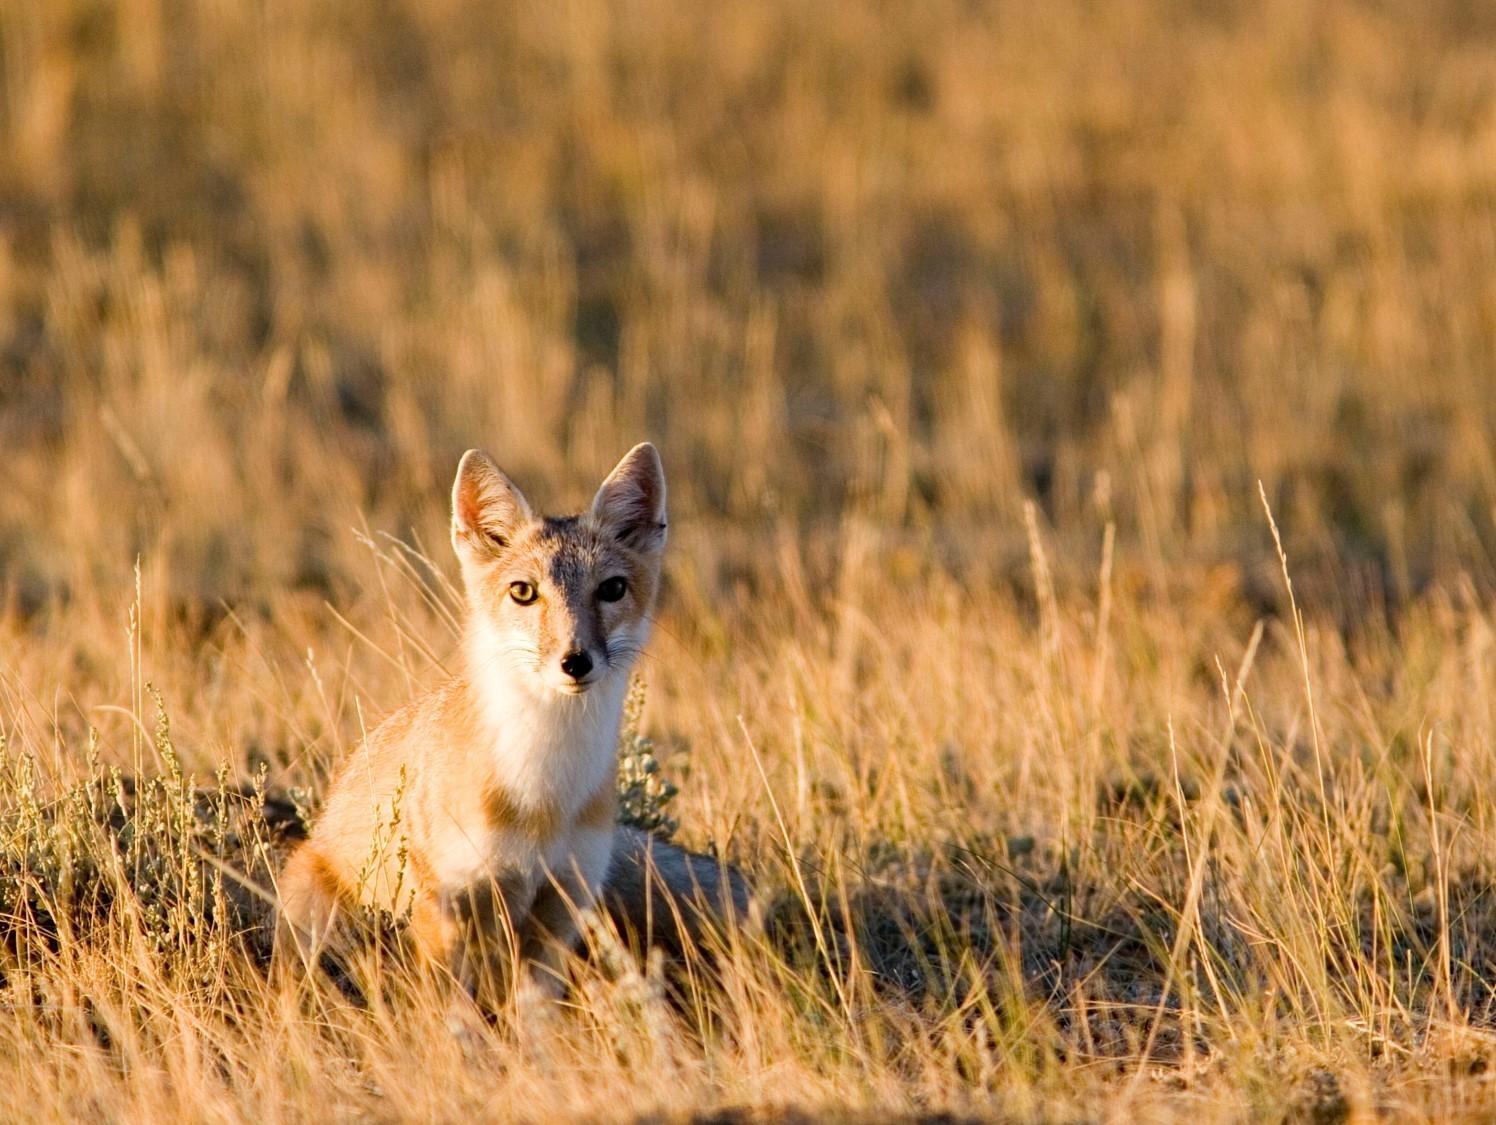 small fox sitting in prairie grass